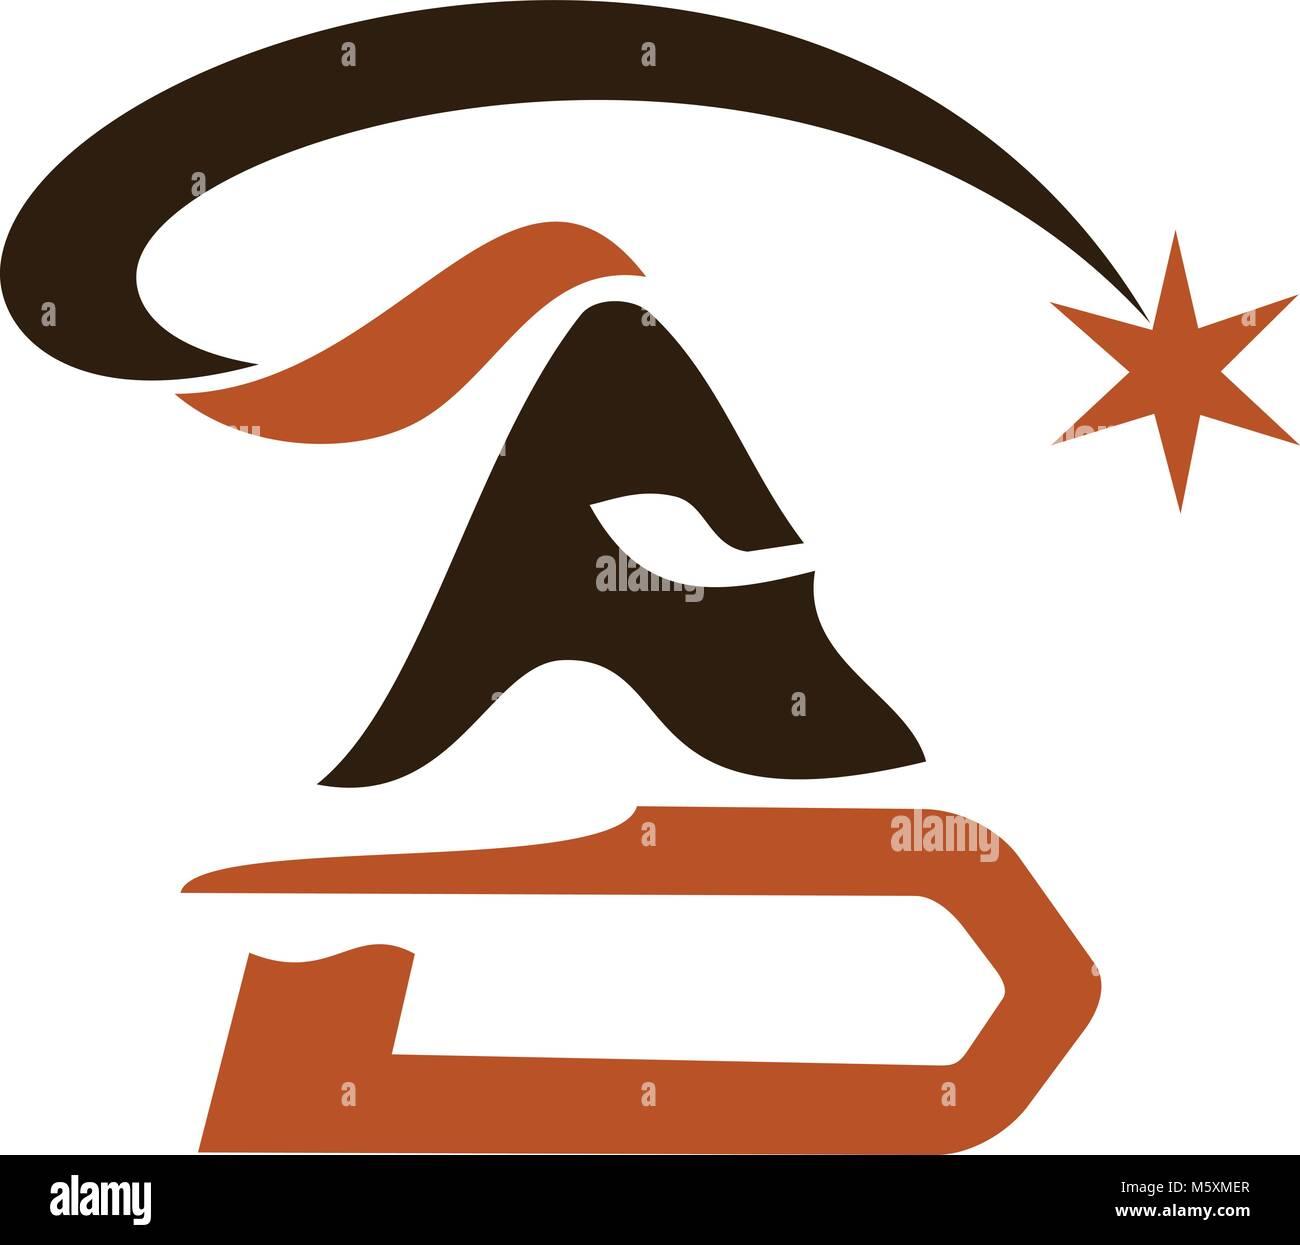 Spartan Warrior Logo Design Template Vector - Stock Vector